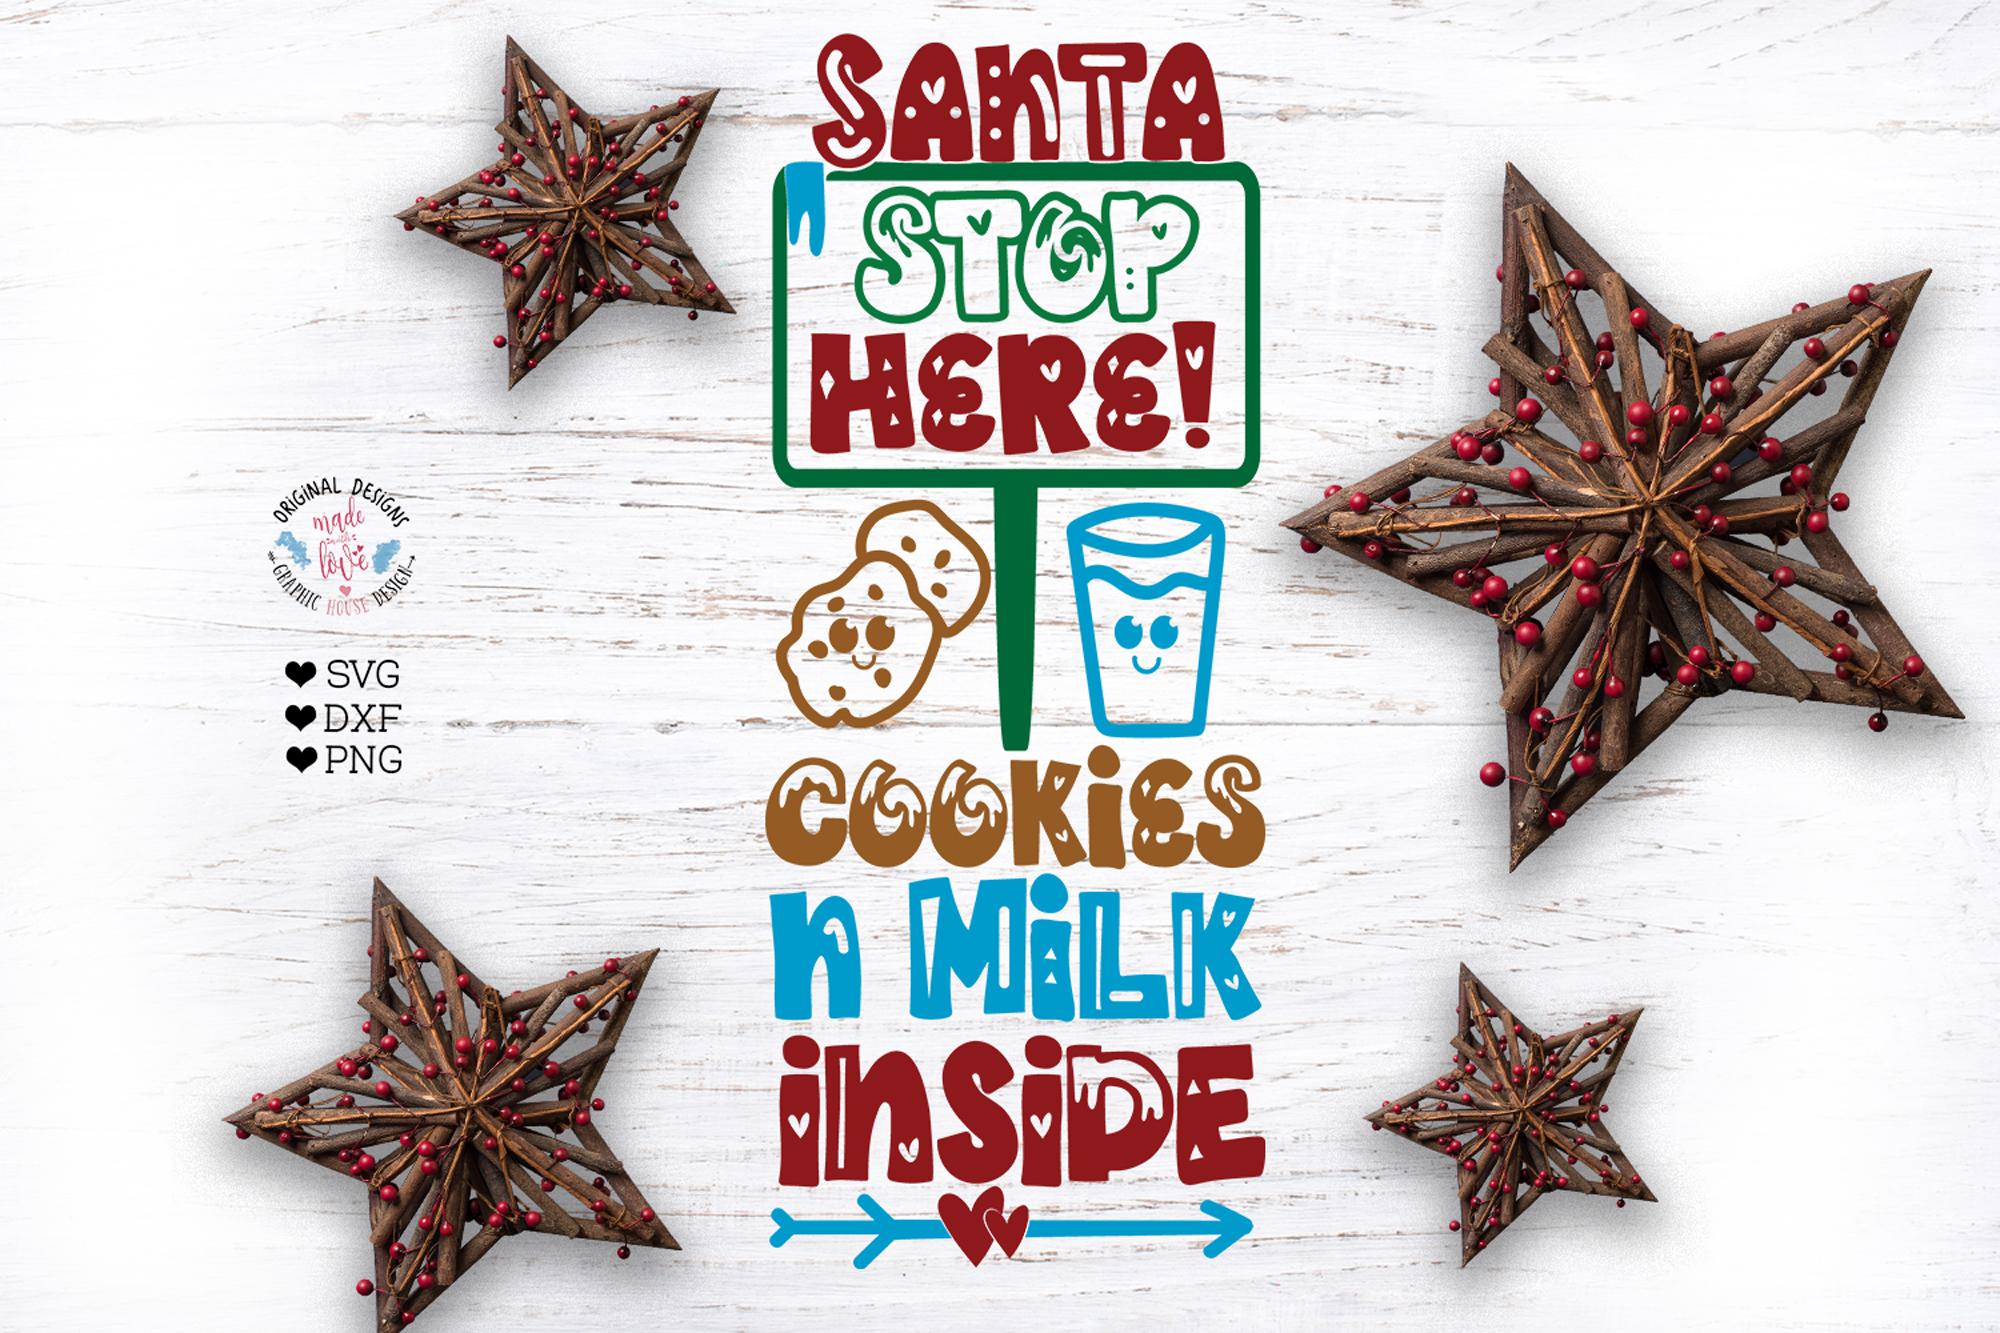 Santa Stop Here Cut File example image 2